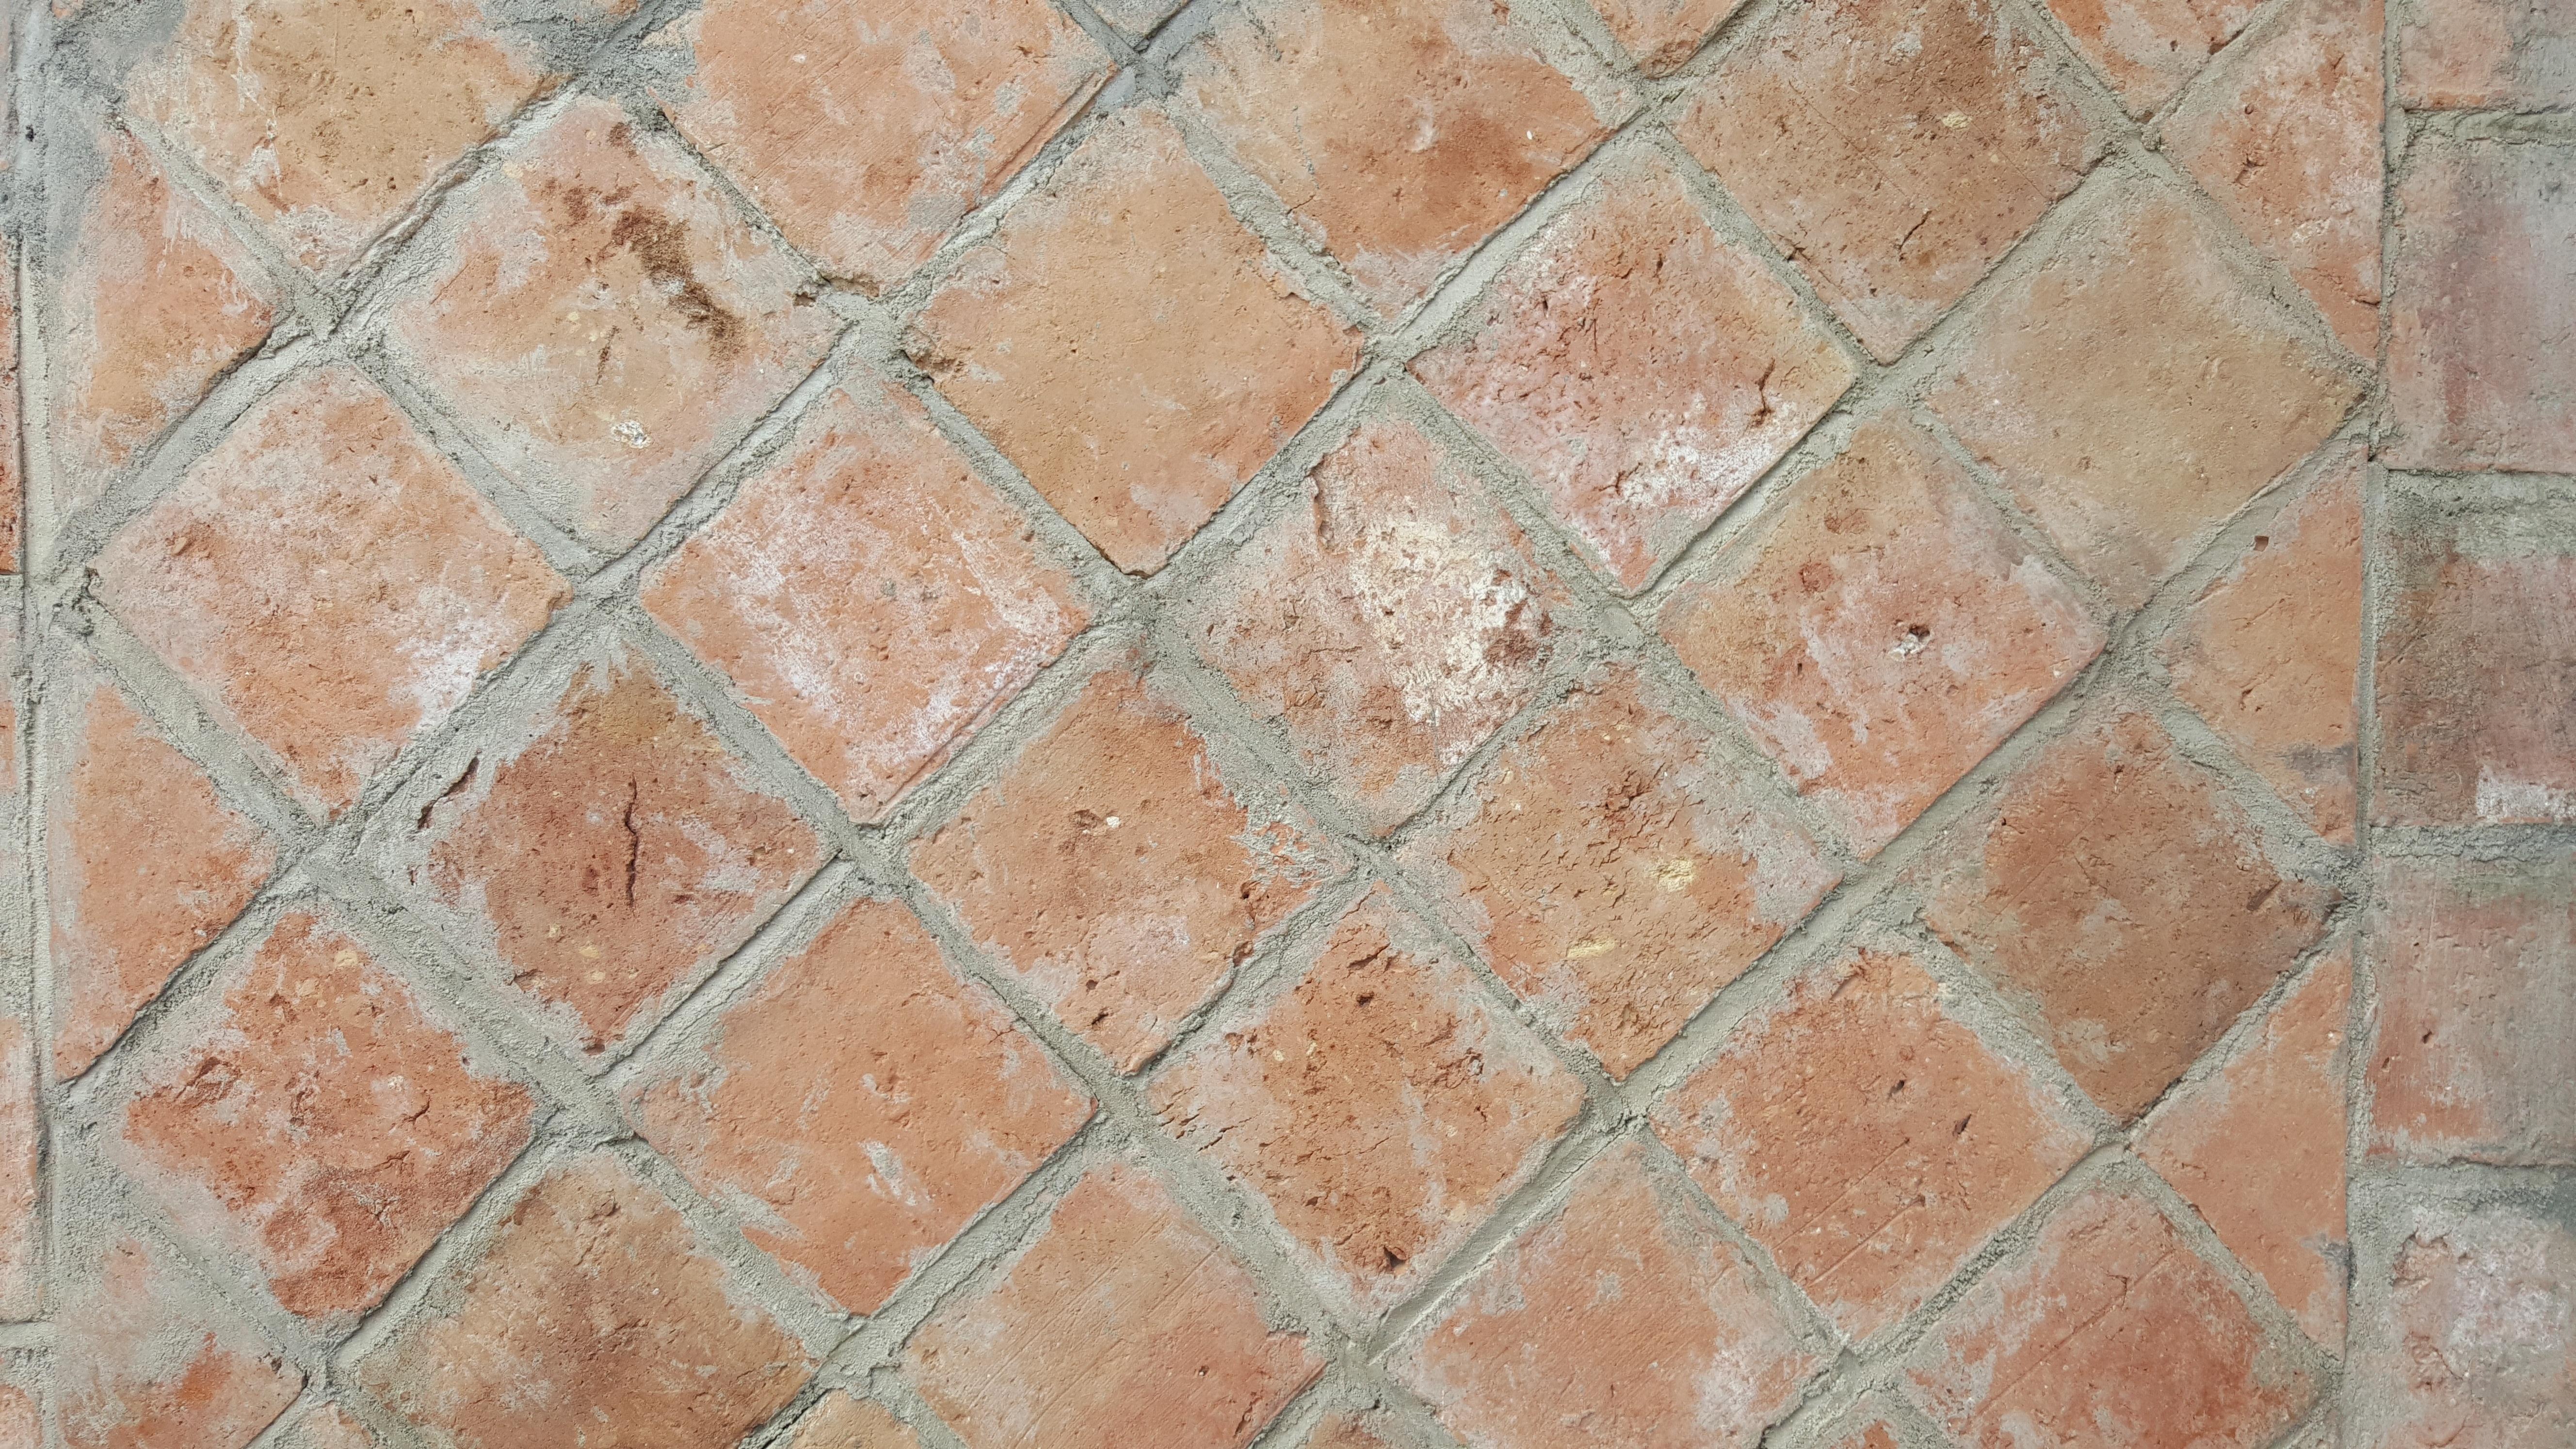 textura piso casa pared barro azulejo pared de piedra ladrillo material ladrillos yeso piso superficie de